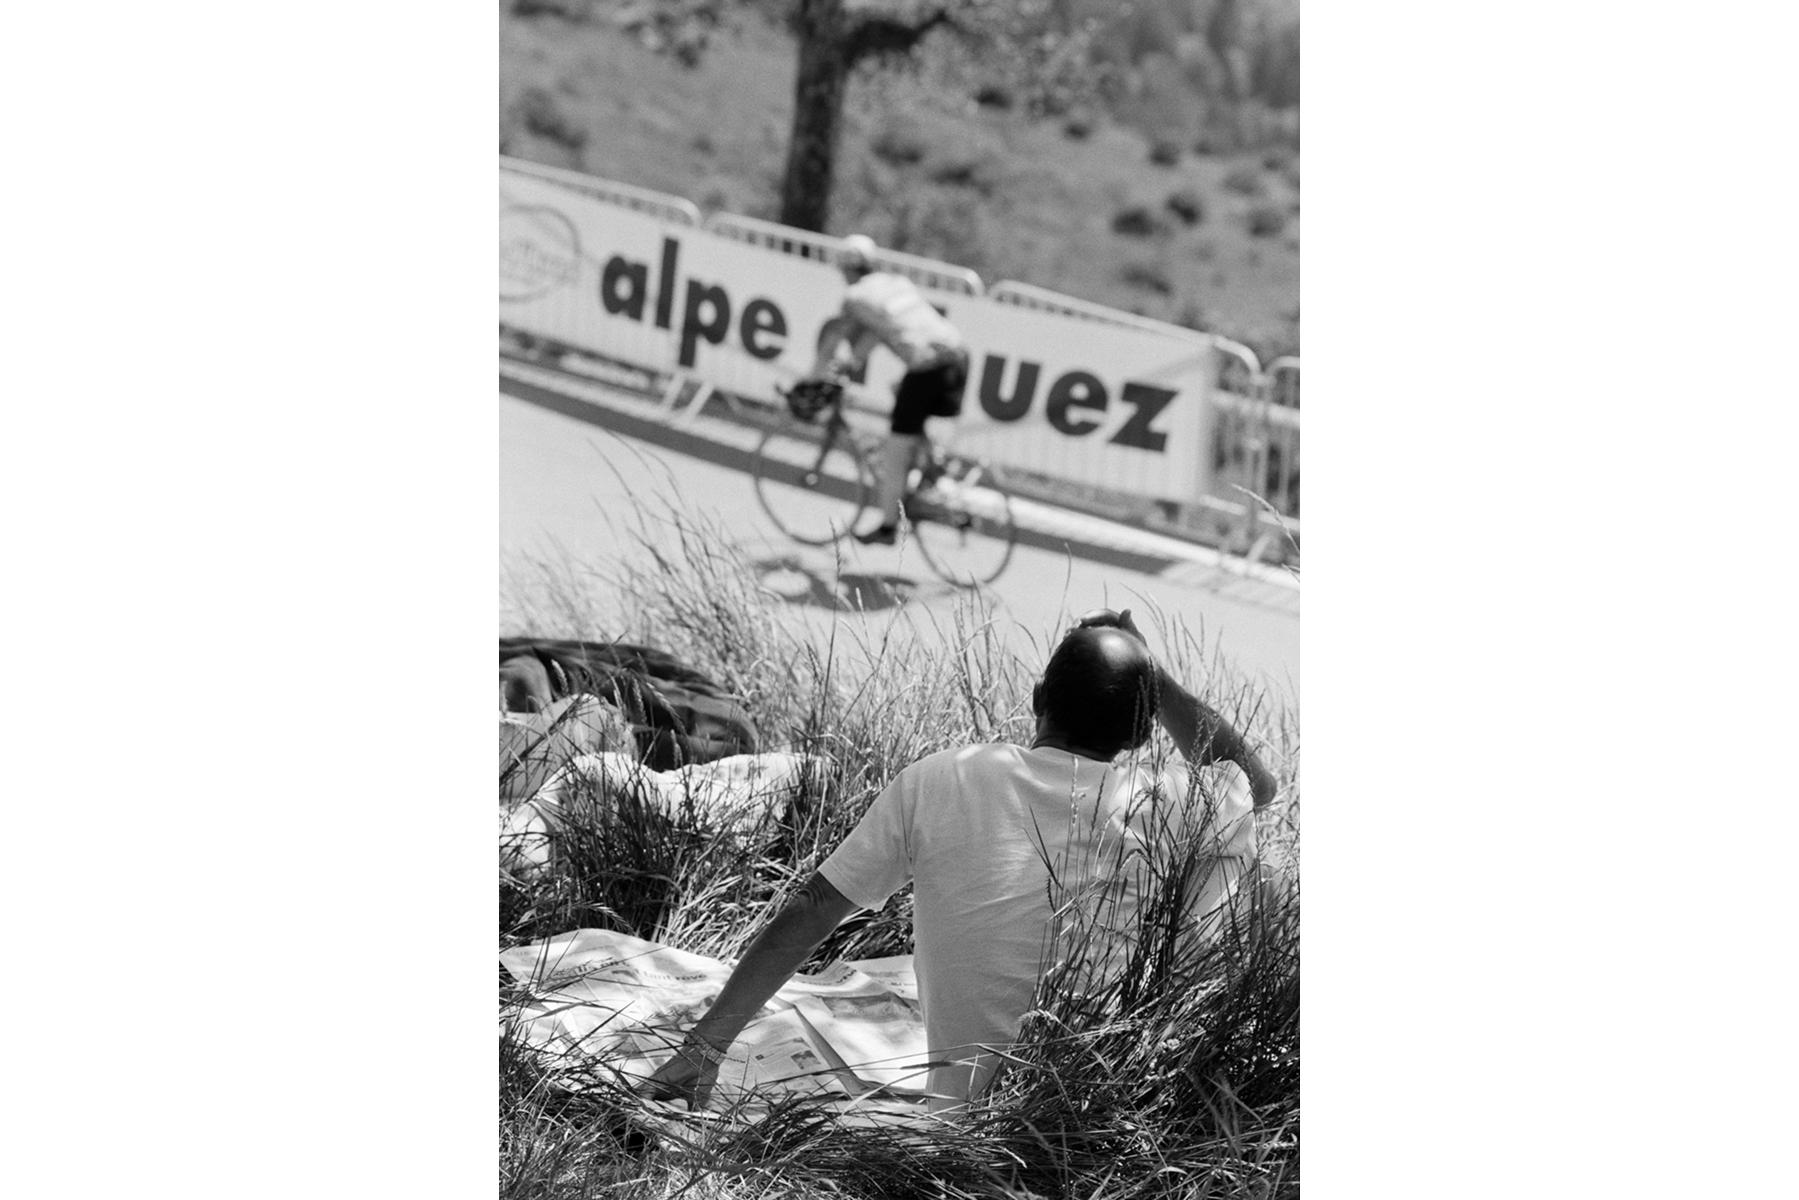 Tour de France 2006 L'Alpe d'Huez, a ski resort in the French Alps, widely known among cycling fans as a mountaintop finish on the Tour de France. L'Alpe d'Huez est une station de ski des Alpes françaises. Pour les fans de cyclisme, c'est surtout l'arrivée de l'une des étapes les plus difficiles du Tour de France. L´Alpe d´Huez ist ein Wintersport-Ort in den französischen Alpen. Radsportfans aus aller Welt kennen ihn aufgrund der Bergankunft bei der Tour-de France. L'Alpe d'Huez es una estación de esquí en los Alpes franceses que en el mundo del ciclismo es bien conocida, ya que habitualmente es final de etapa de montaña.